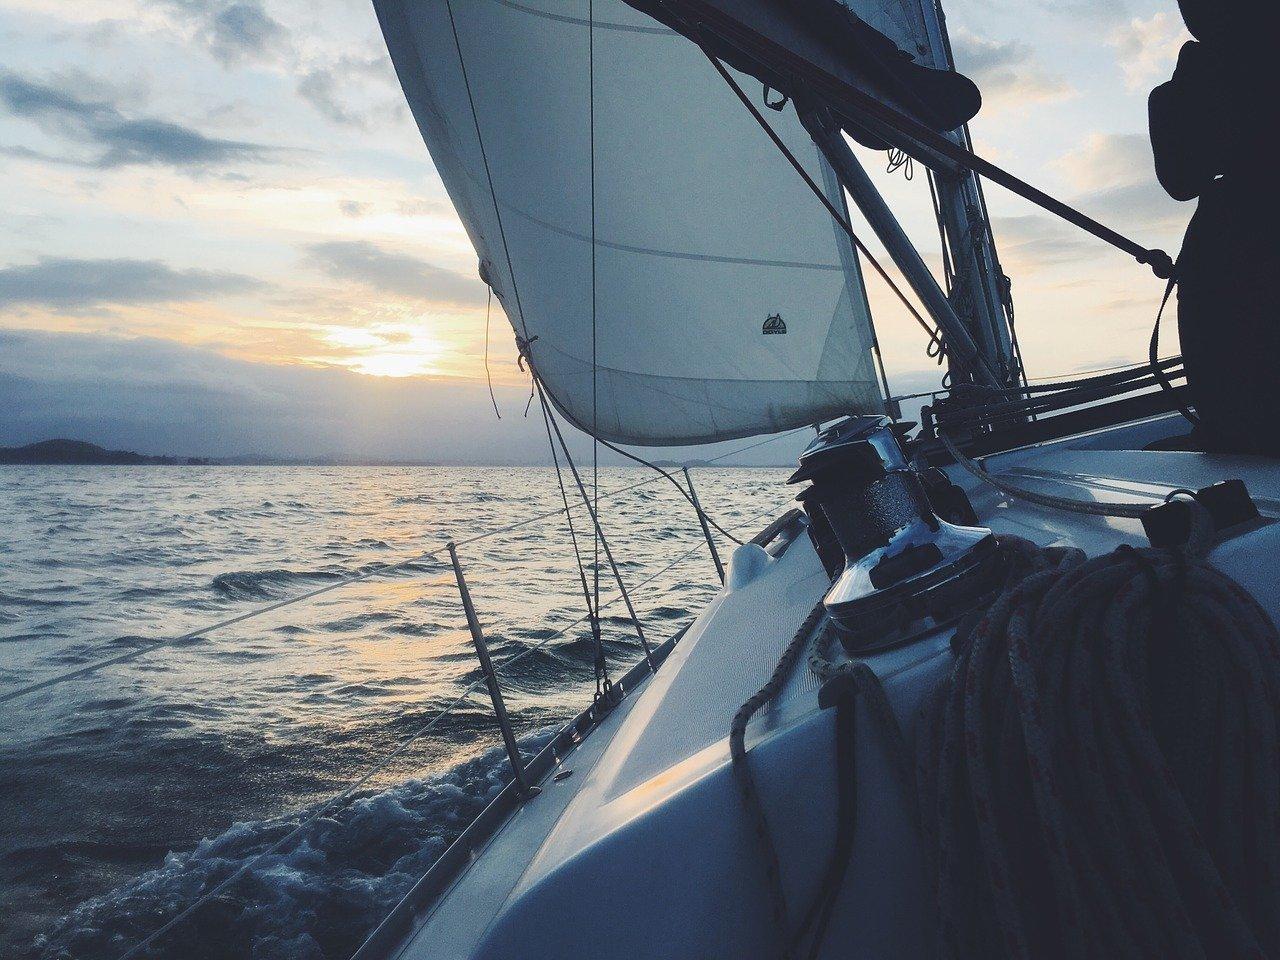 Packliste für den Segeltörn – was muss in den Seesack?